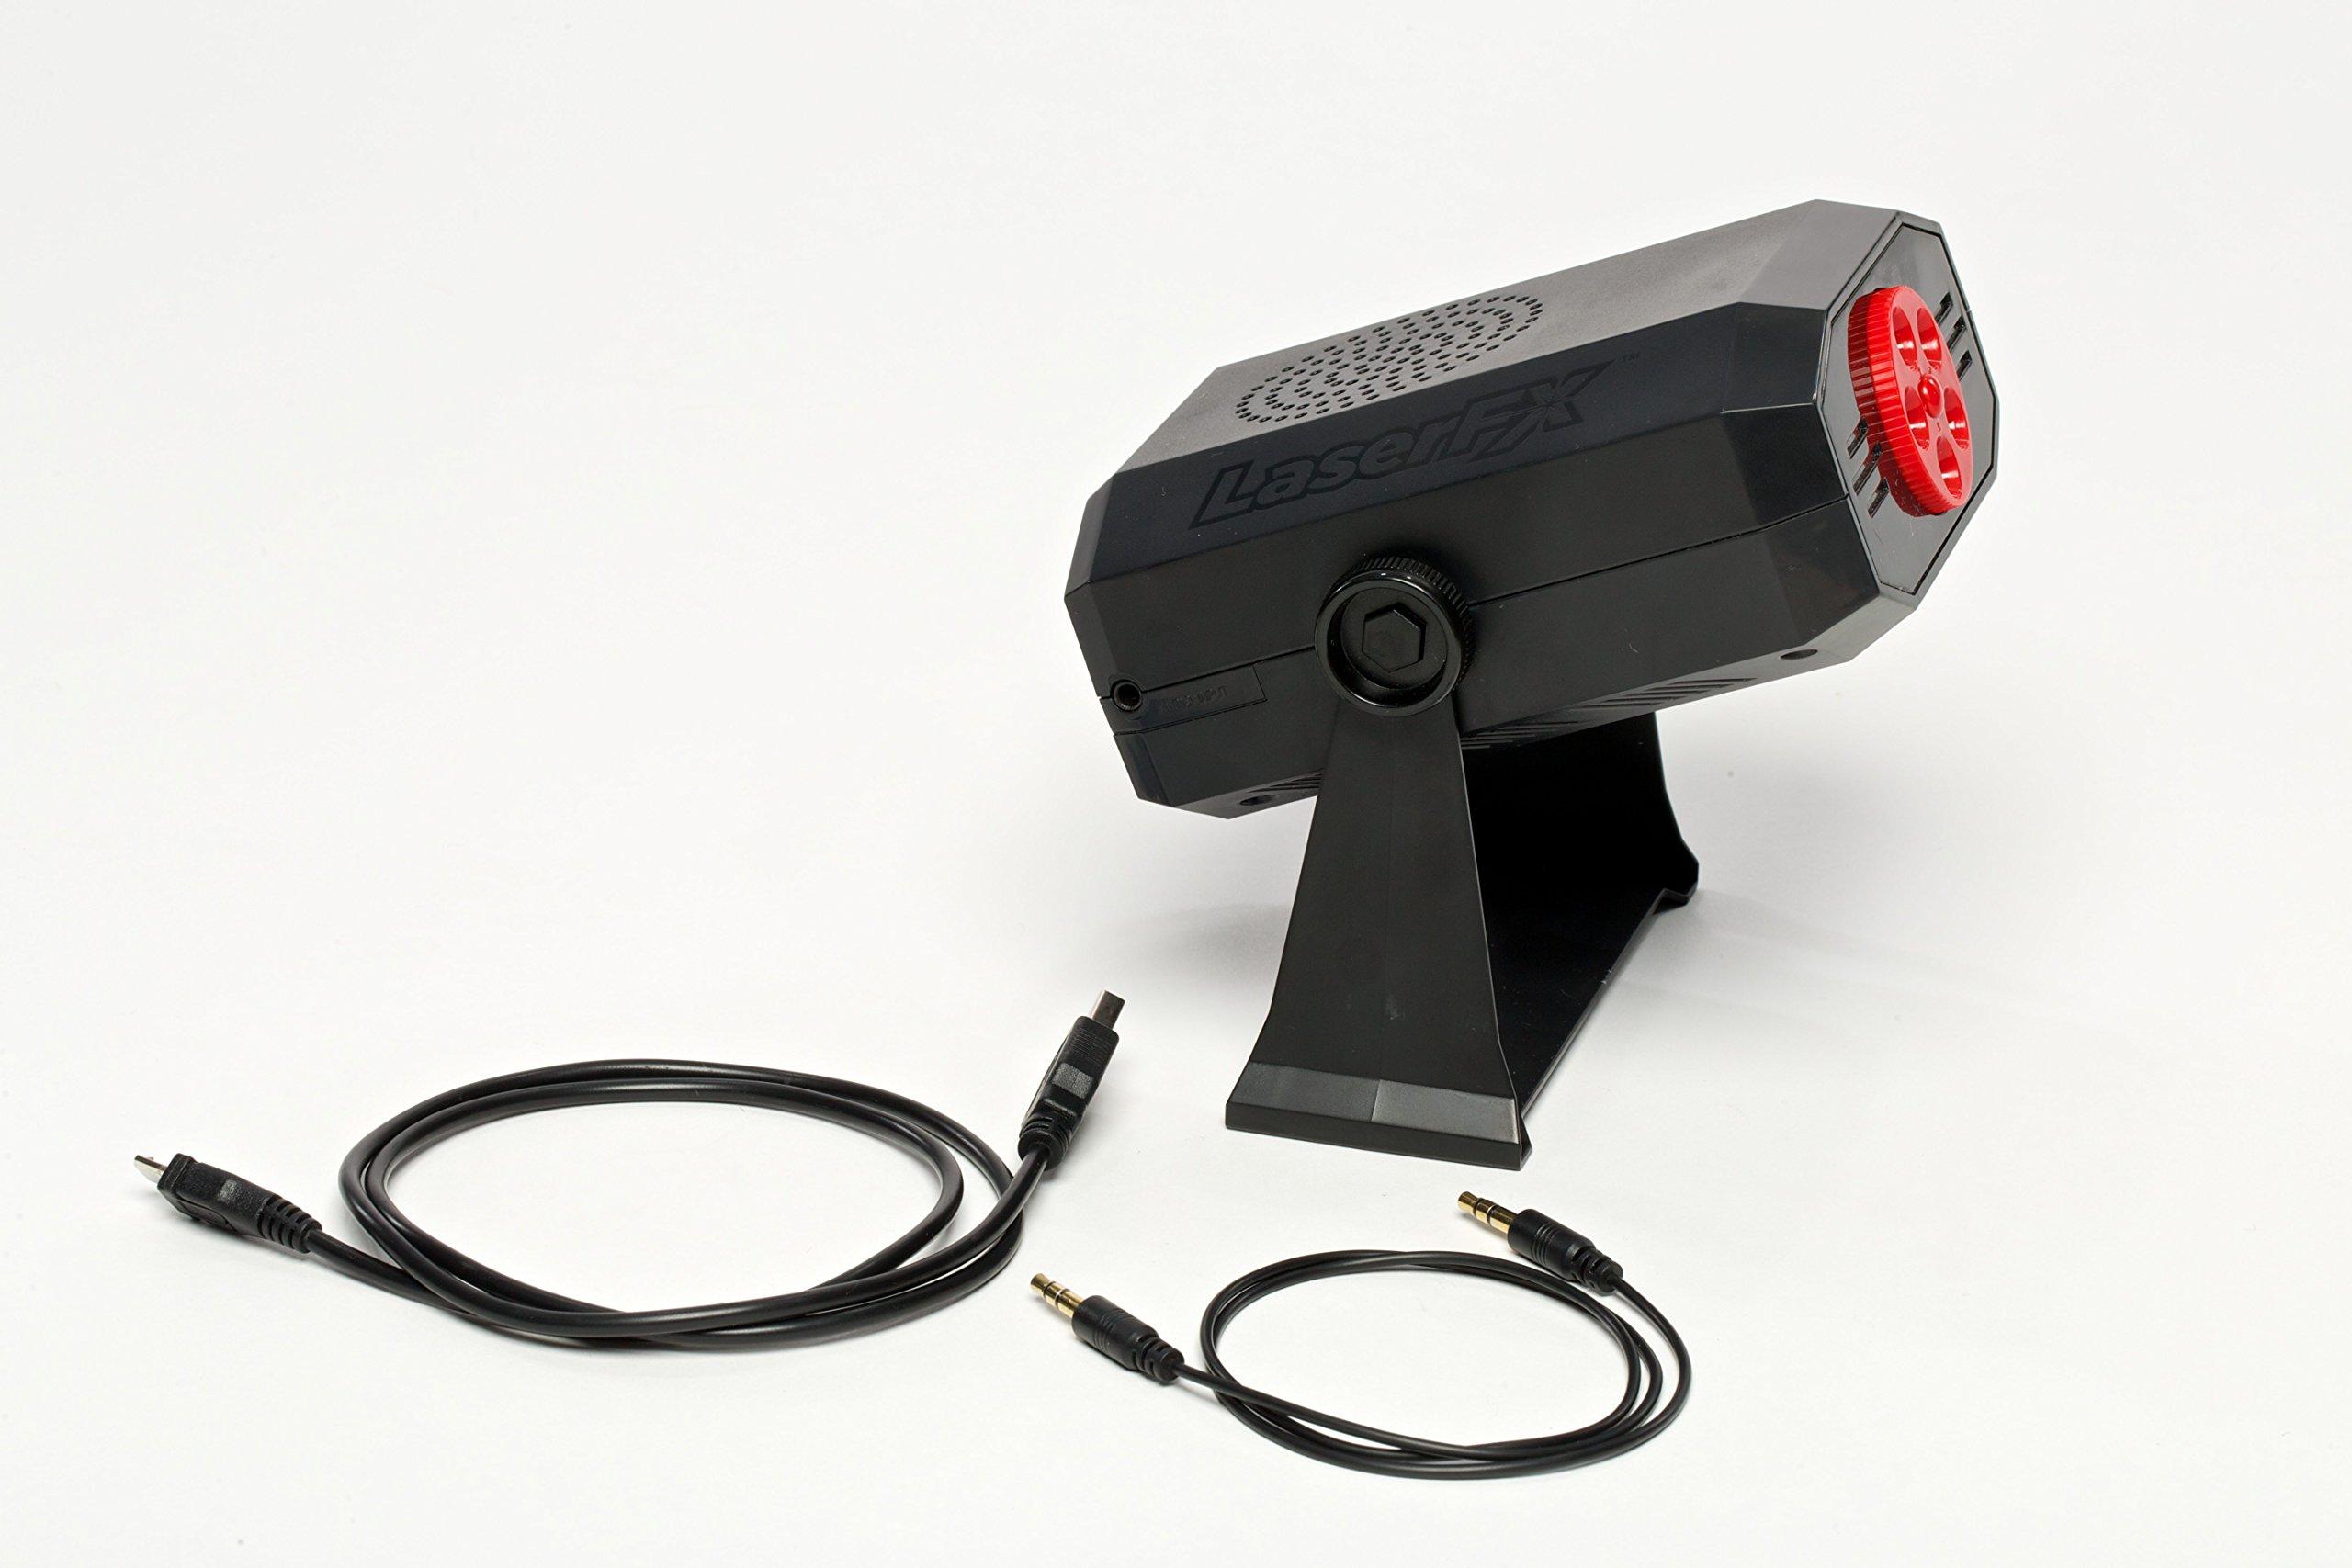 LASER FX Indoor Light with Built-in Speaker by LASER FX